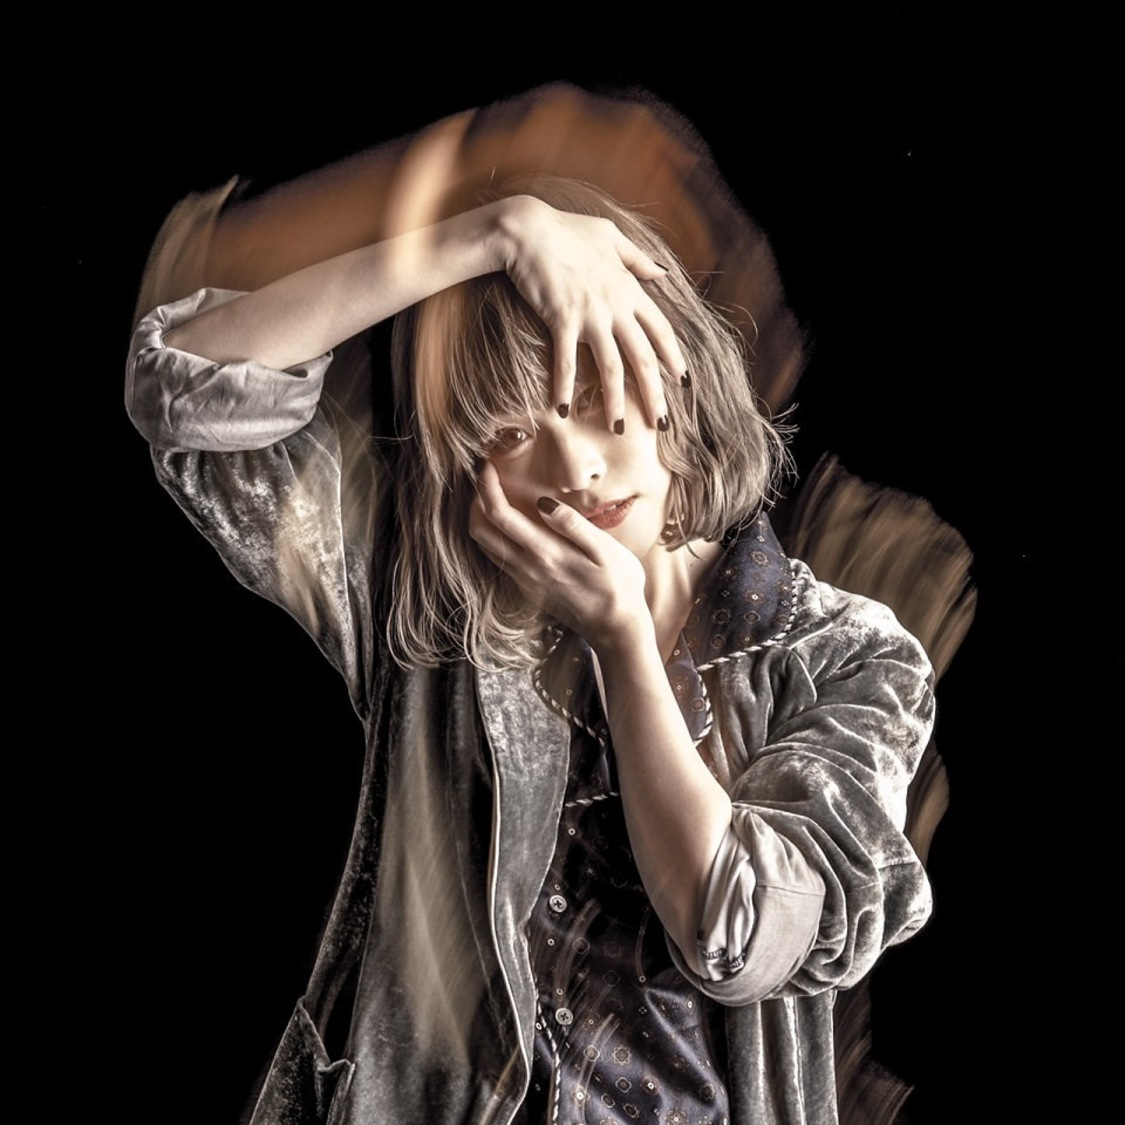 藤川千愛など所属の日本コロムビア、「#おうちで聴こうコロムビアリレー」開催「私の歌がひとときでも誰かの救いになってくれたら嬉しく思います」